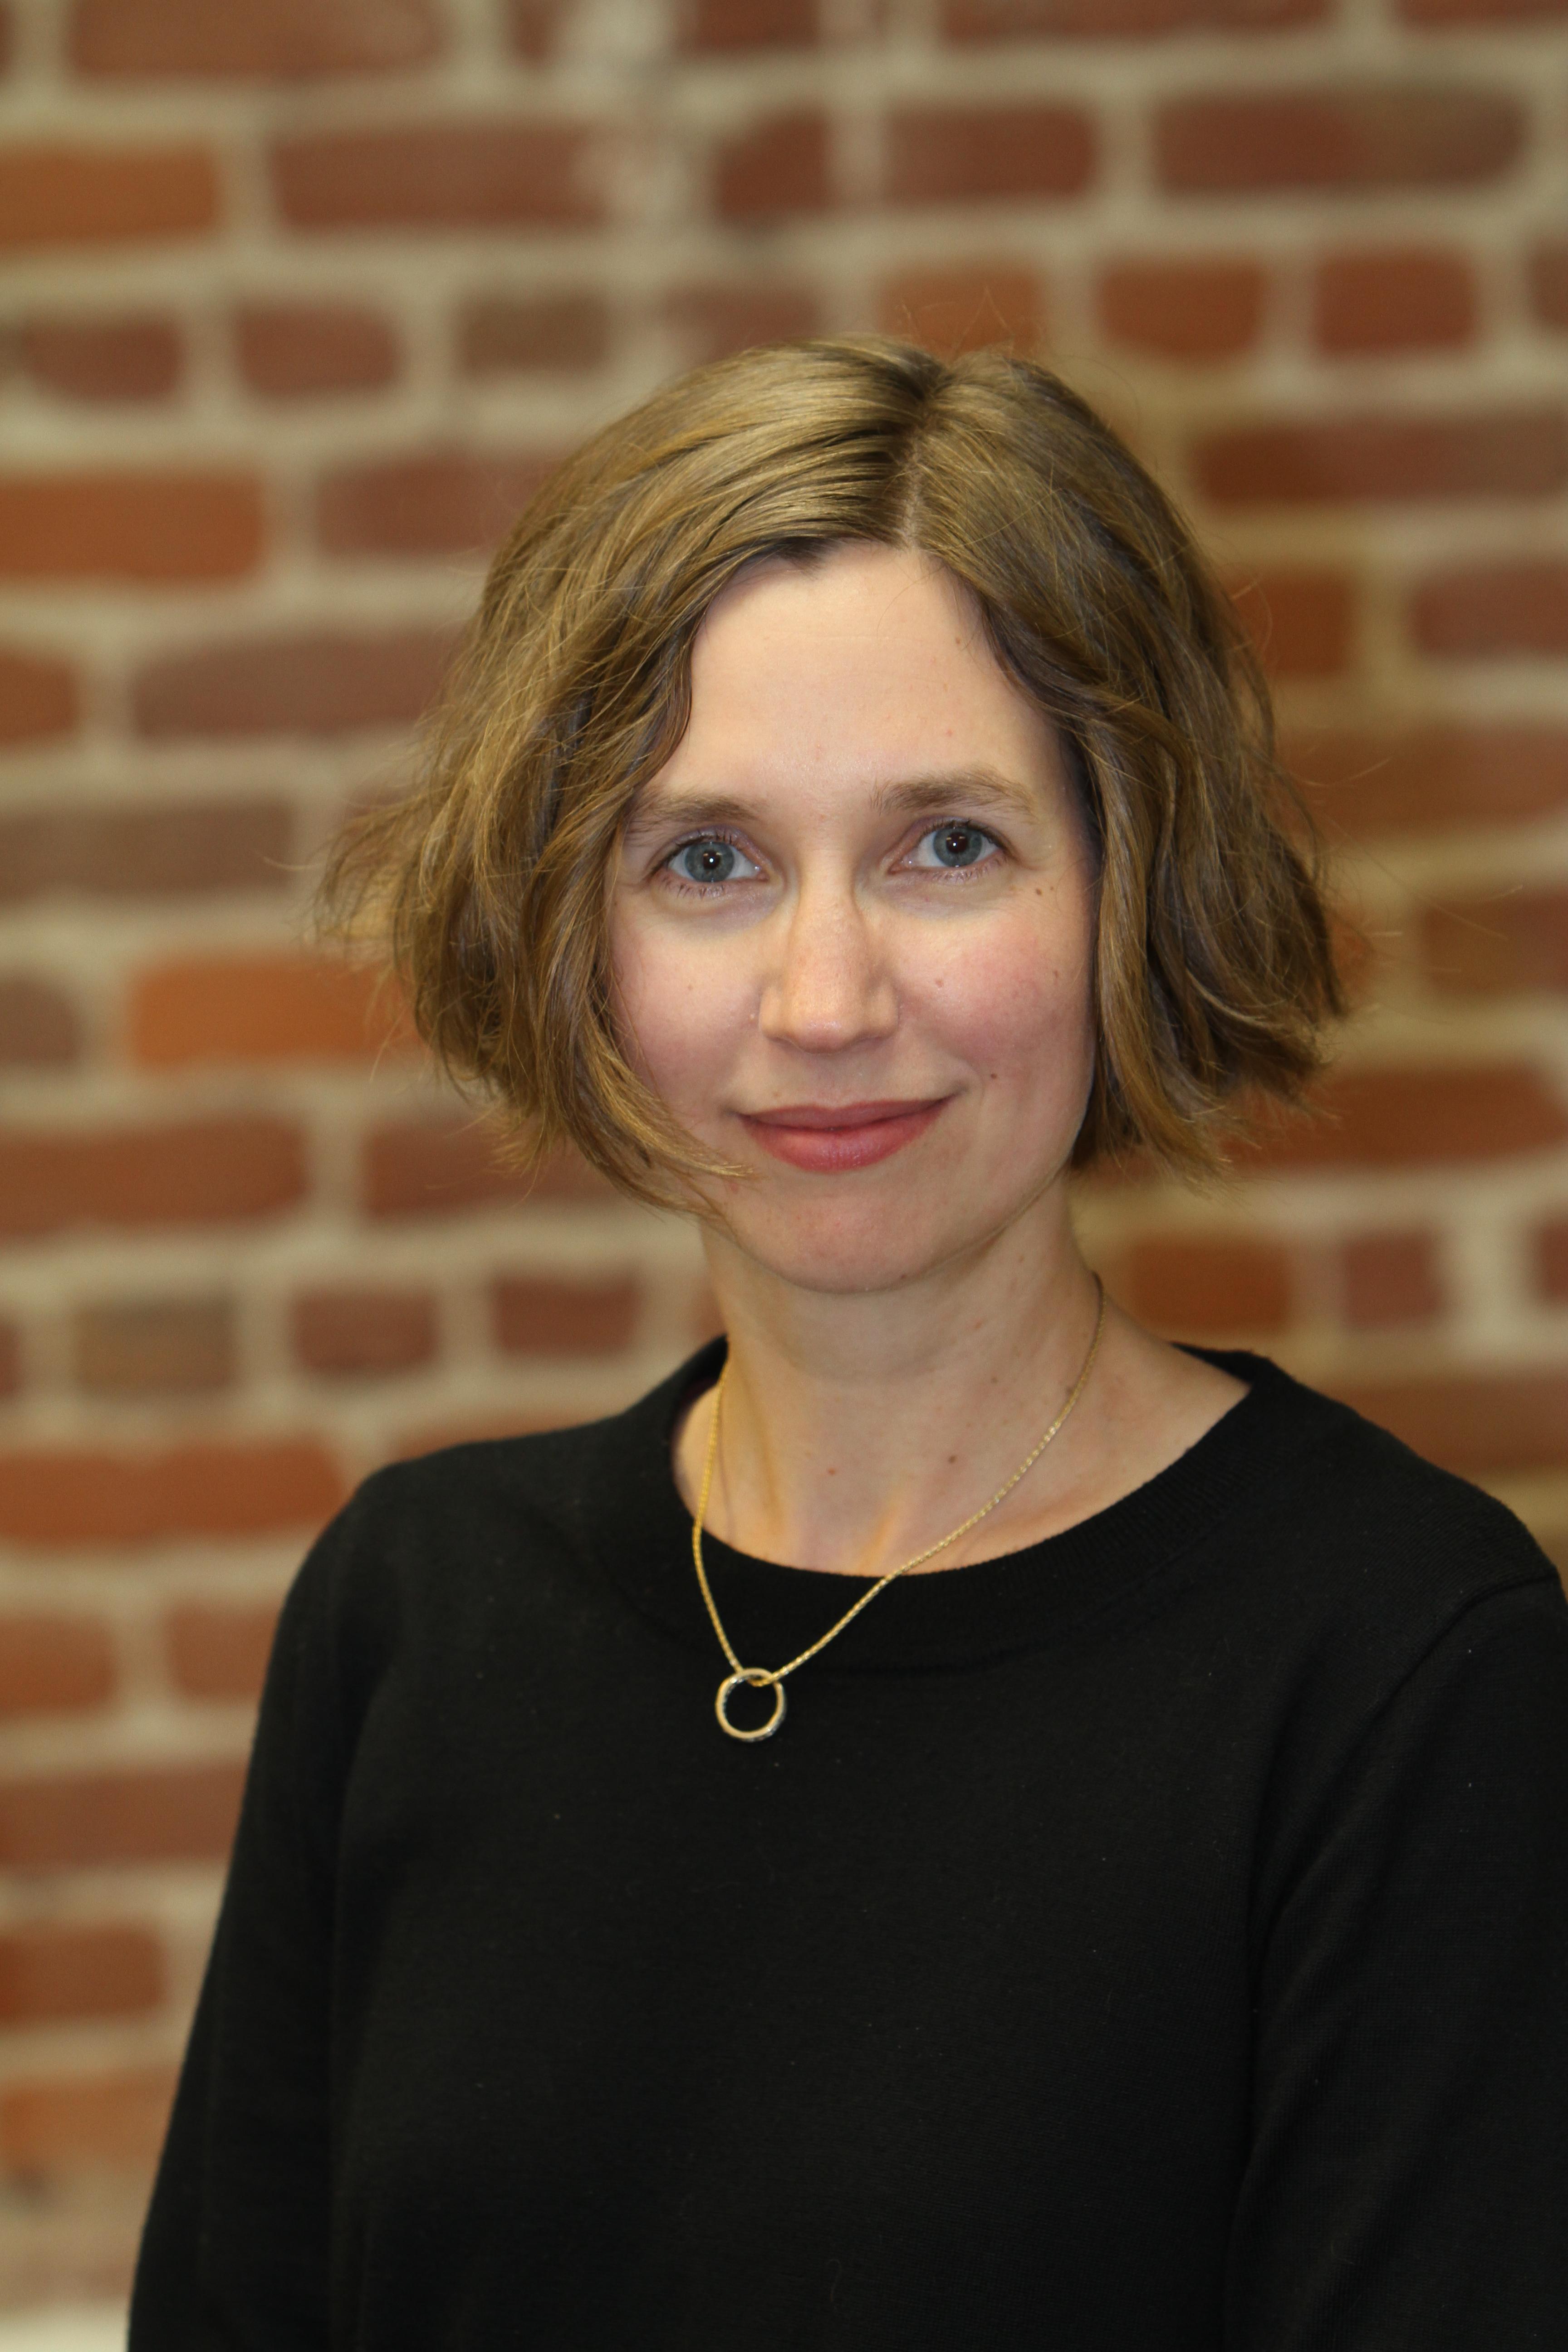 Jennifer A. Sorenson